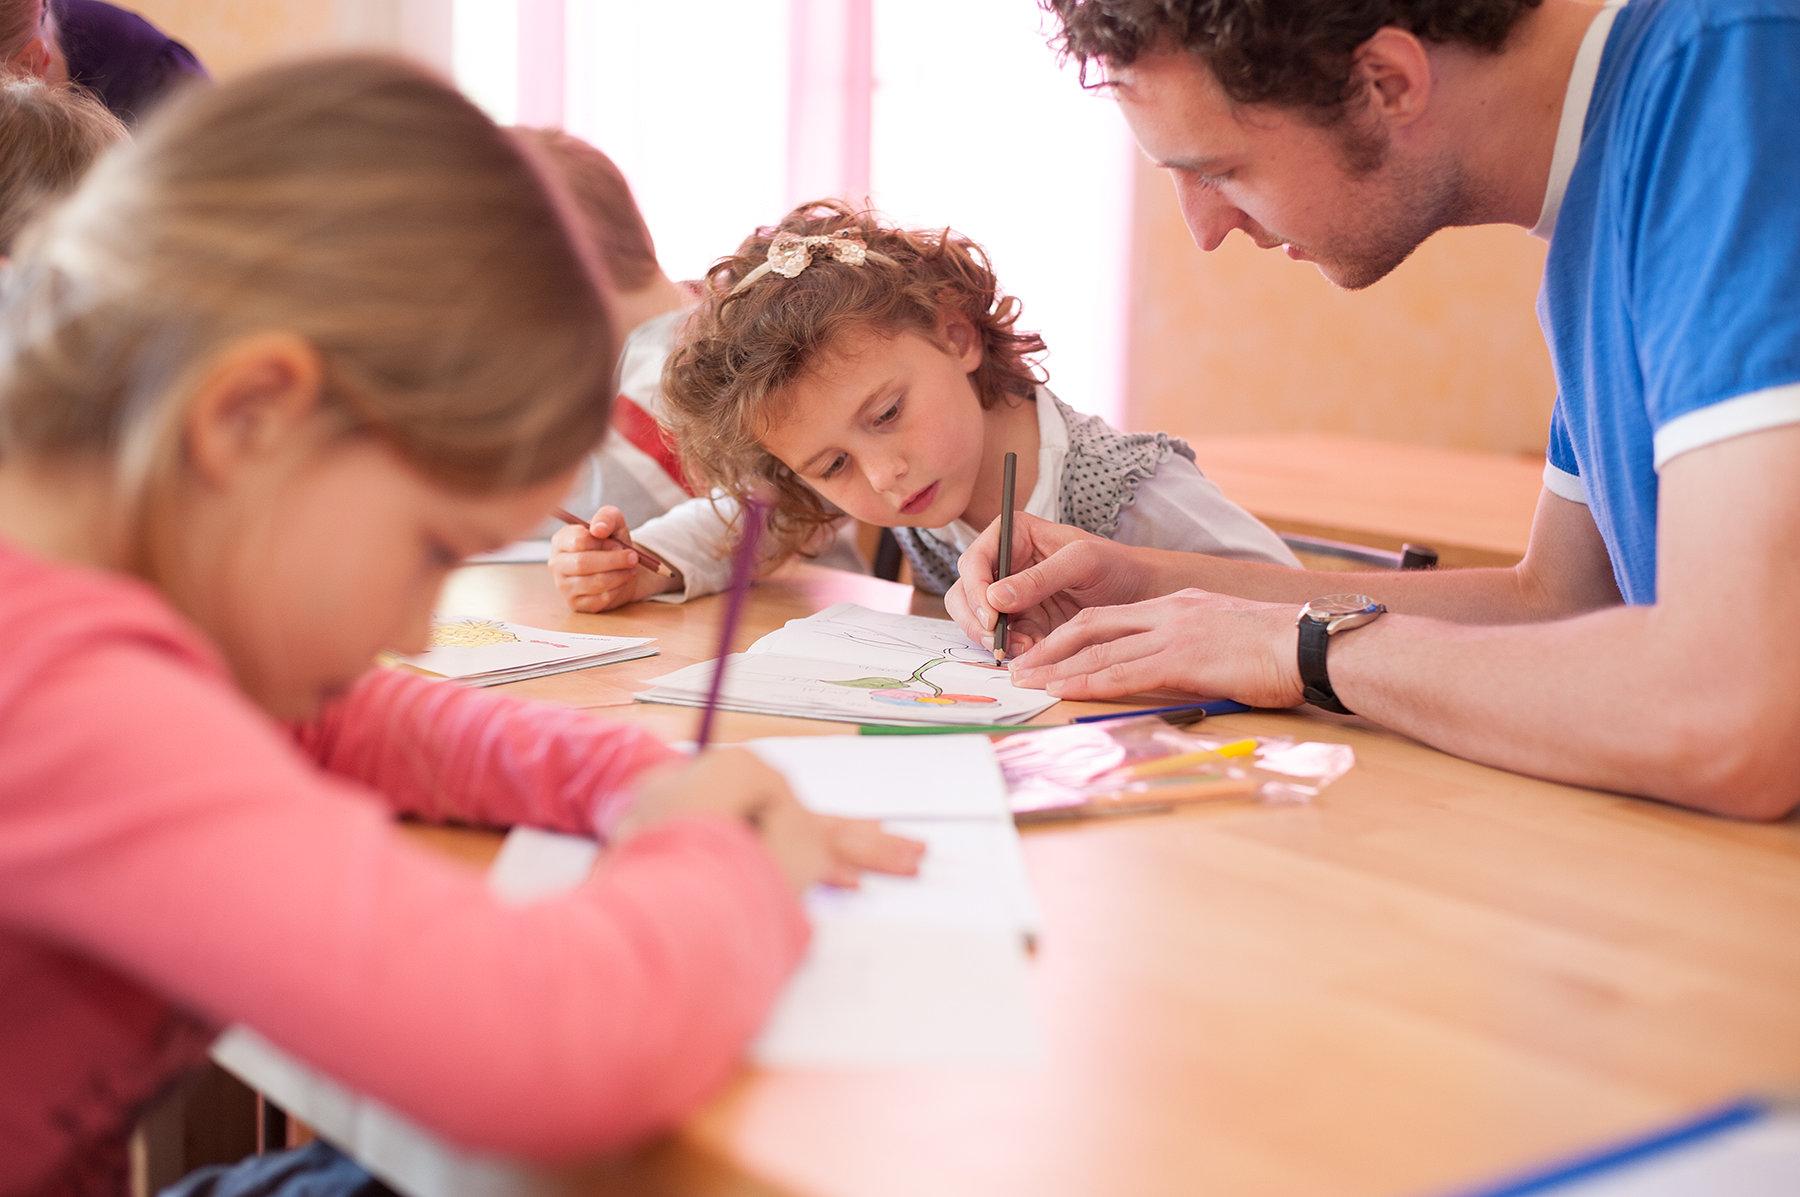 Các công cụ học tập cũng vô cùng cần thiết trong quá trình học tiếng Anh cho bé